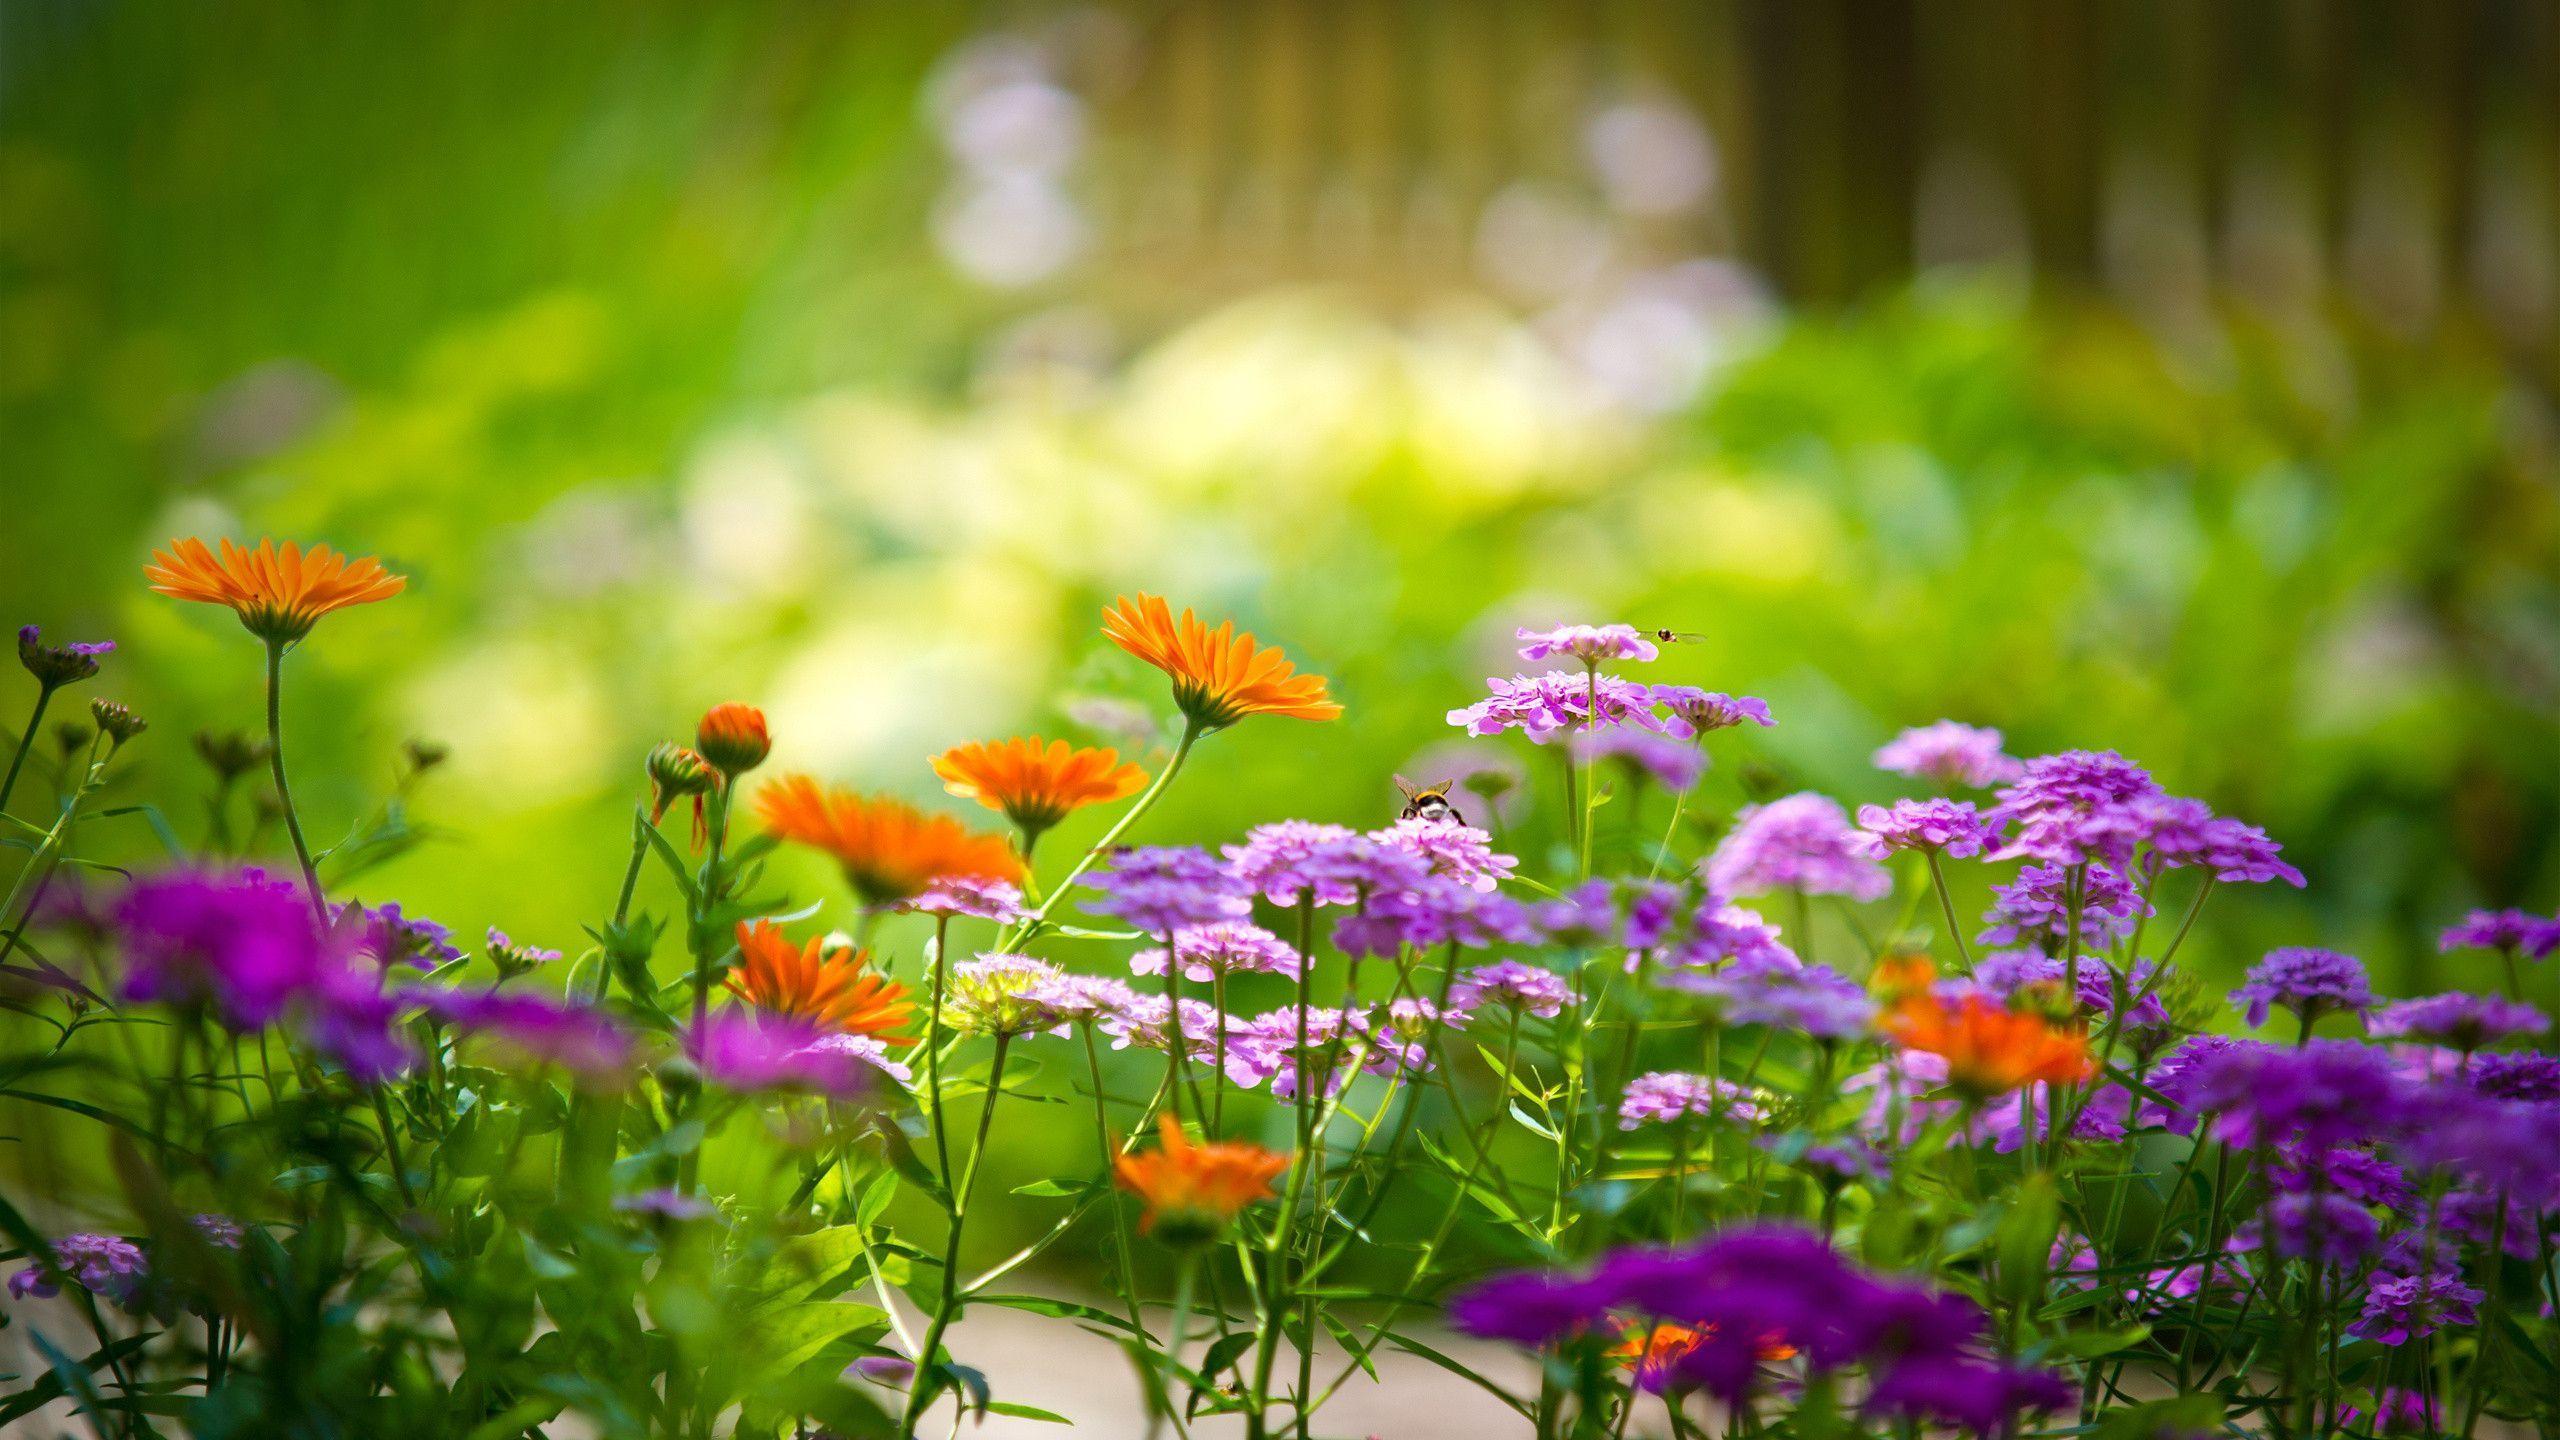 HD Flower Garden Wallpaper 1920×1080 Flower Garden